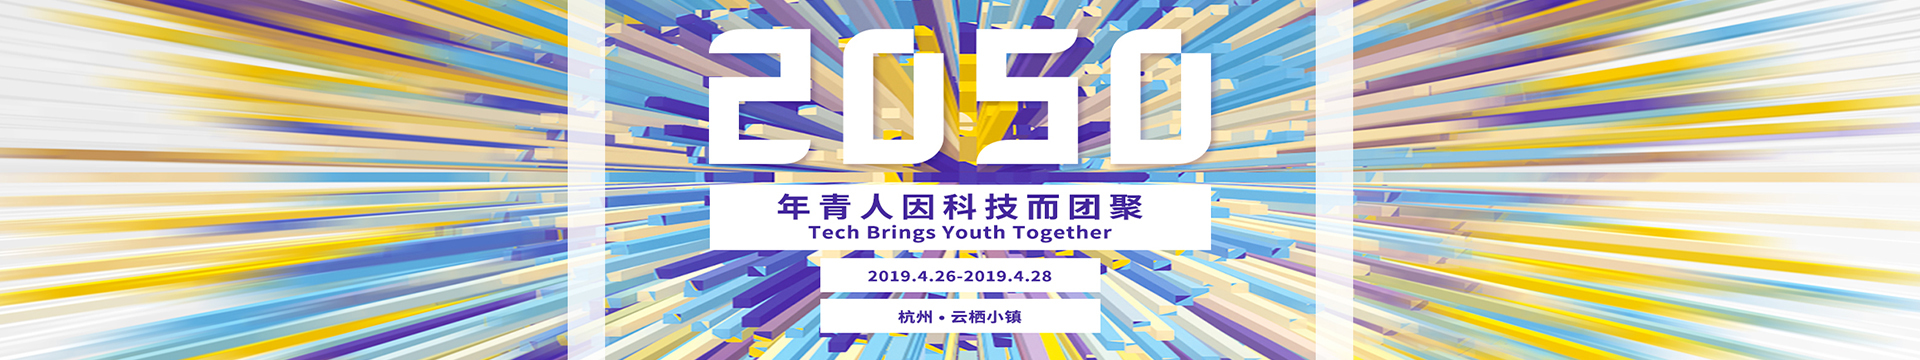 2050团聚-年青人因科技而团聚